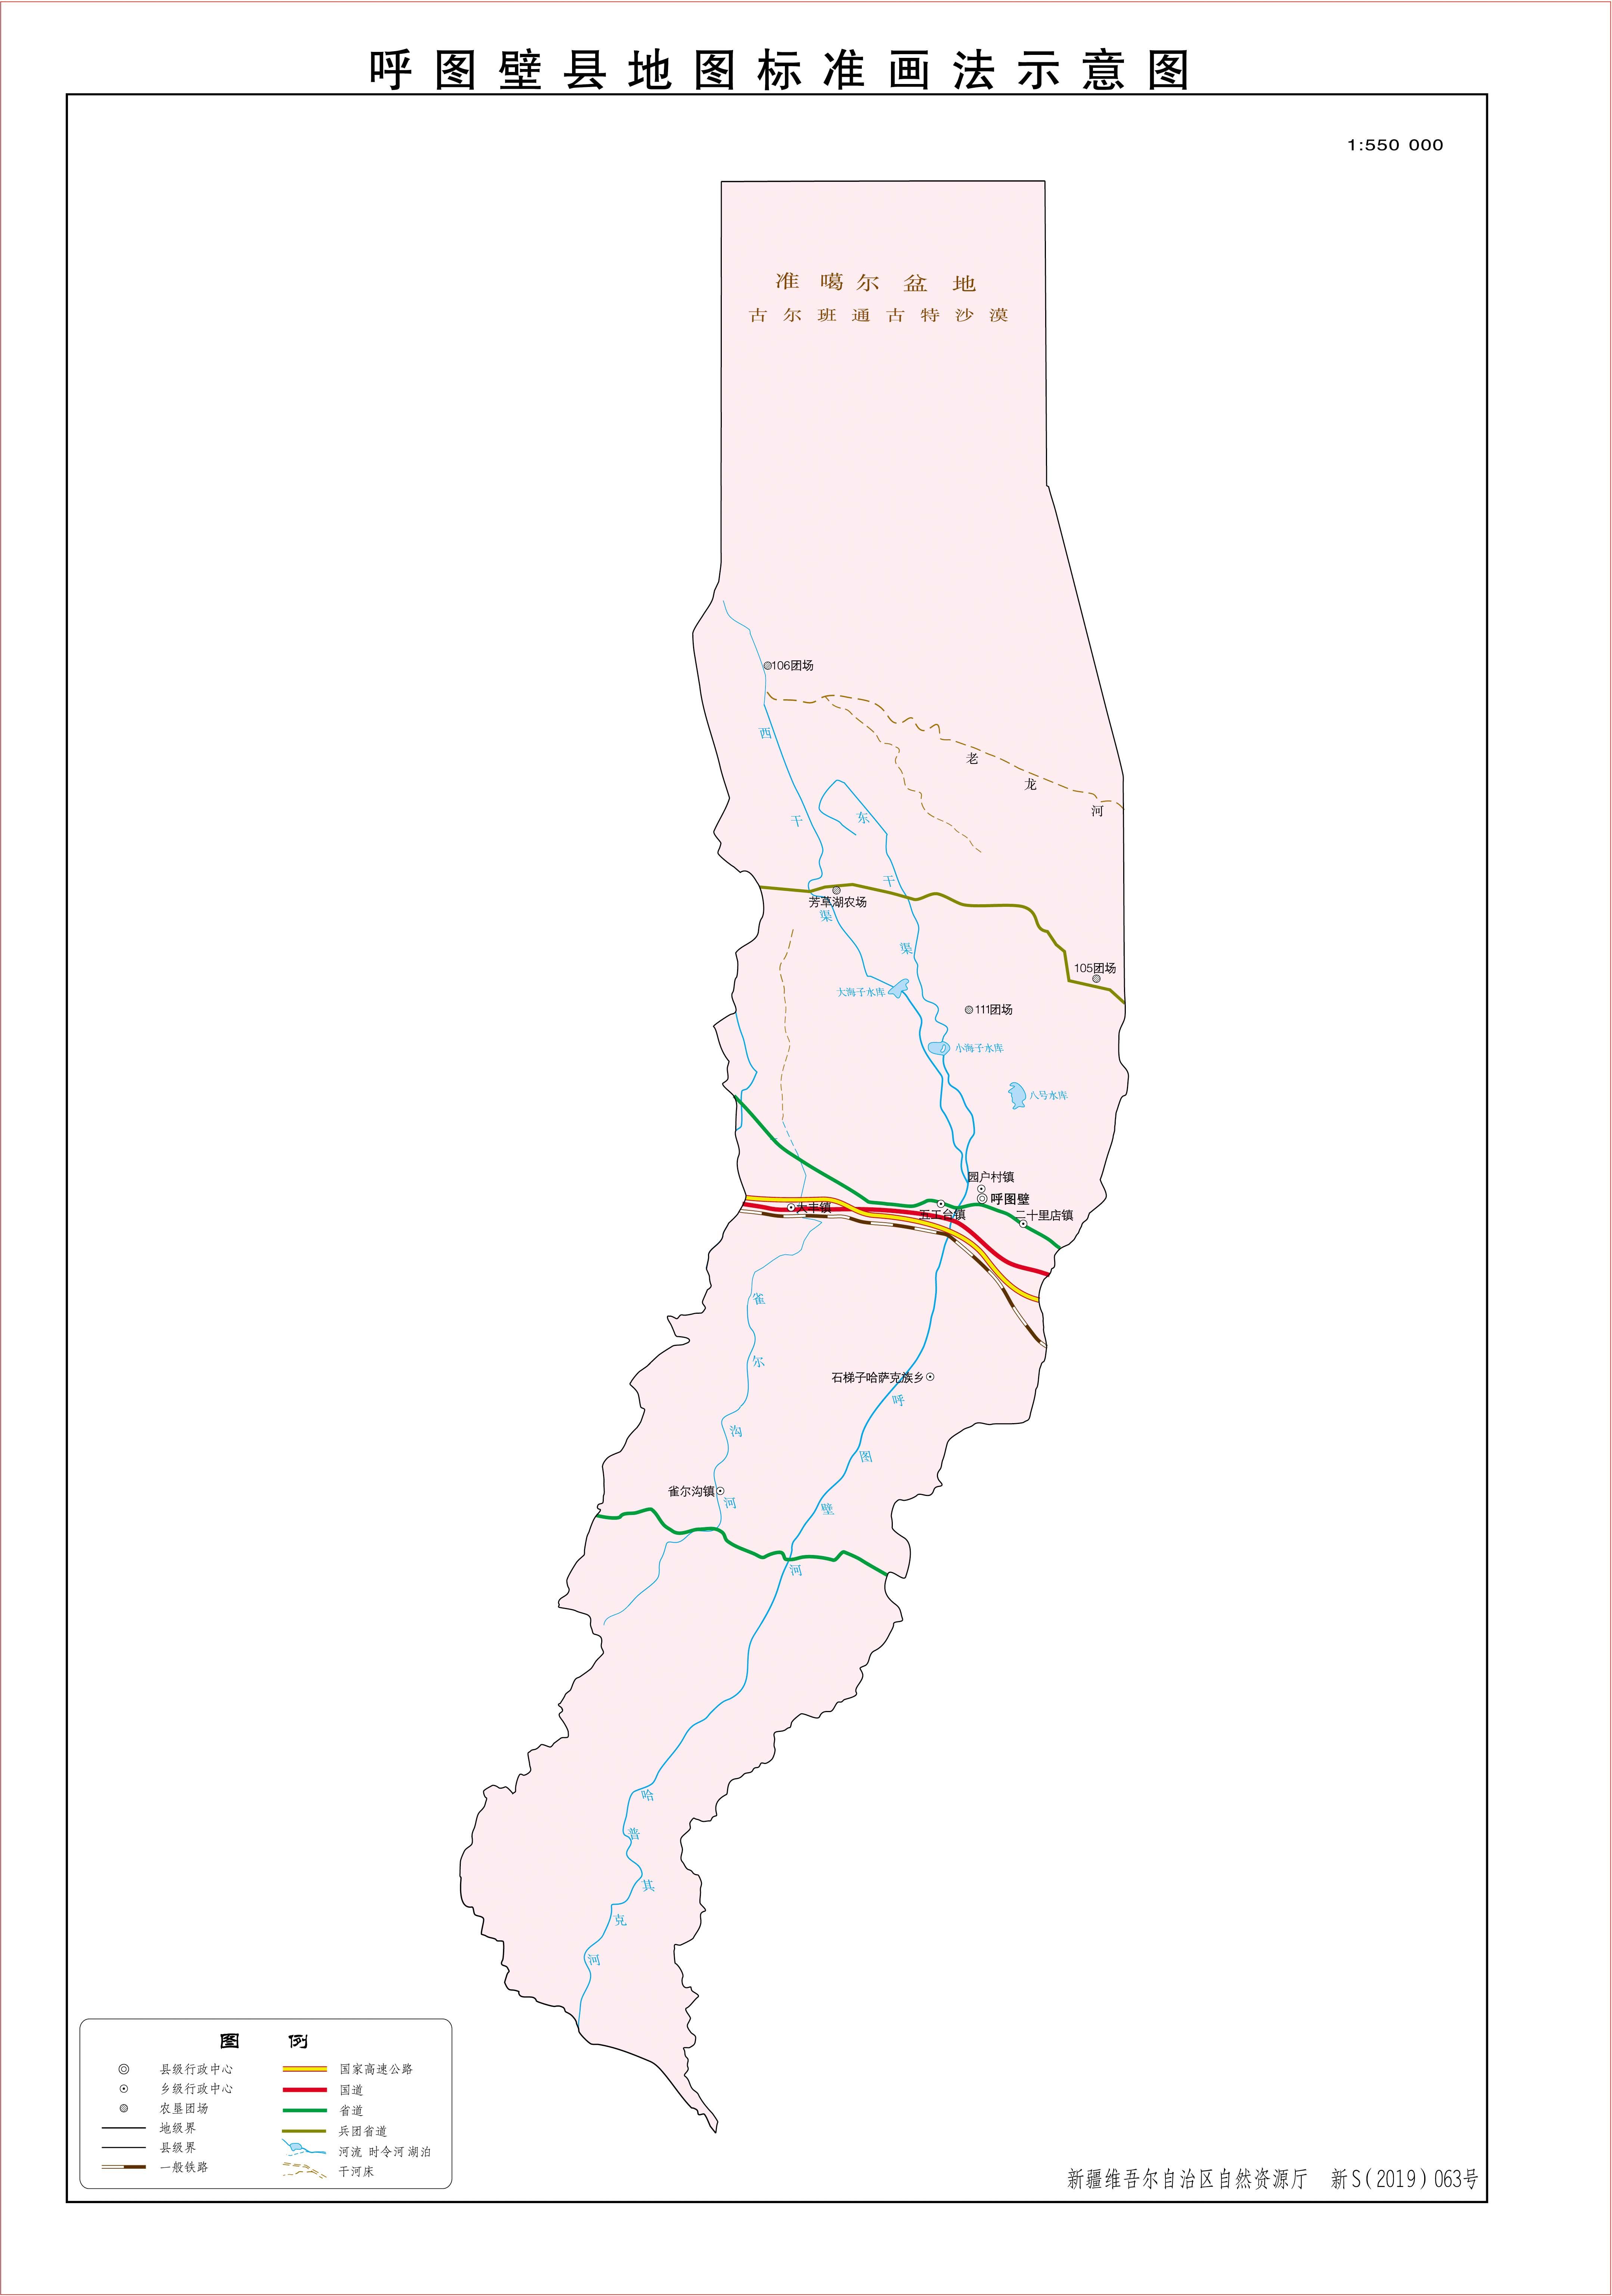 和田县地图_呼图壁县标准地图_昌吉地图库_地图窝